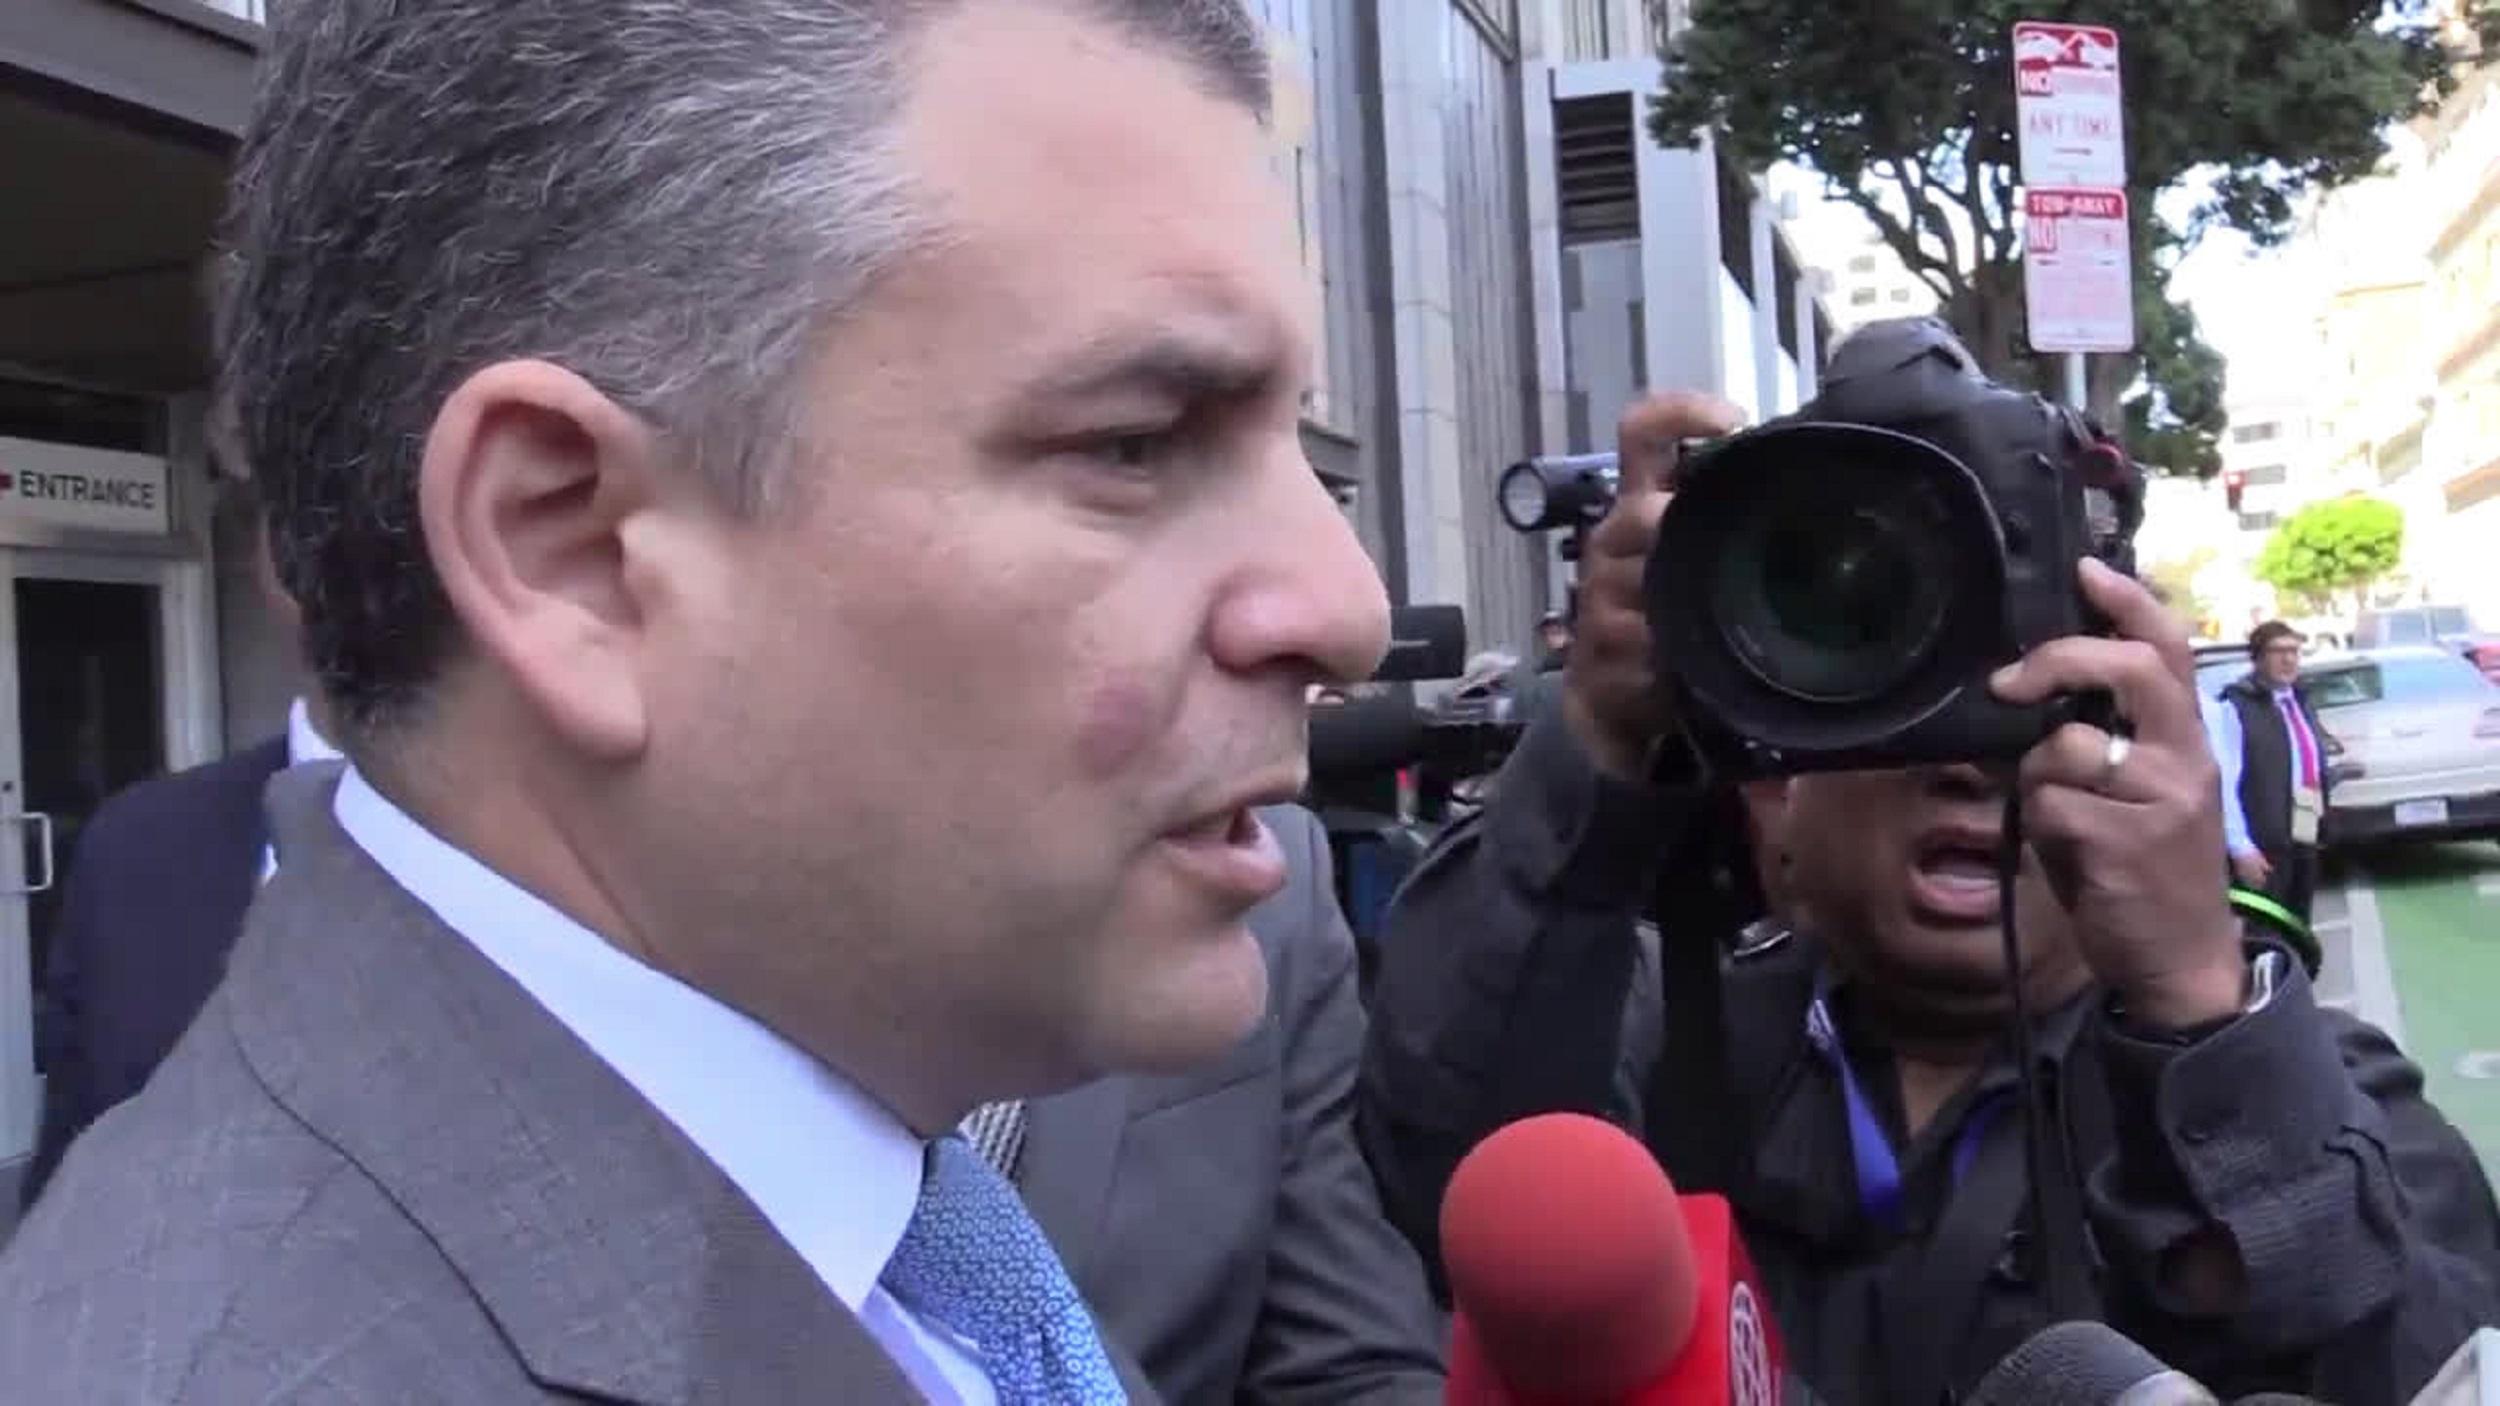 Fiscal Rafael Vela de acuerdo con decisión de Juez estadounidense con respecto a ex presidente Toledo